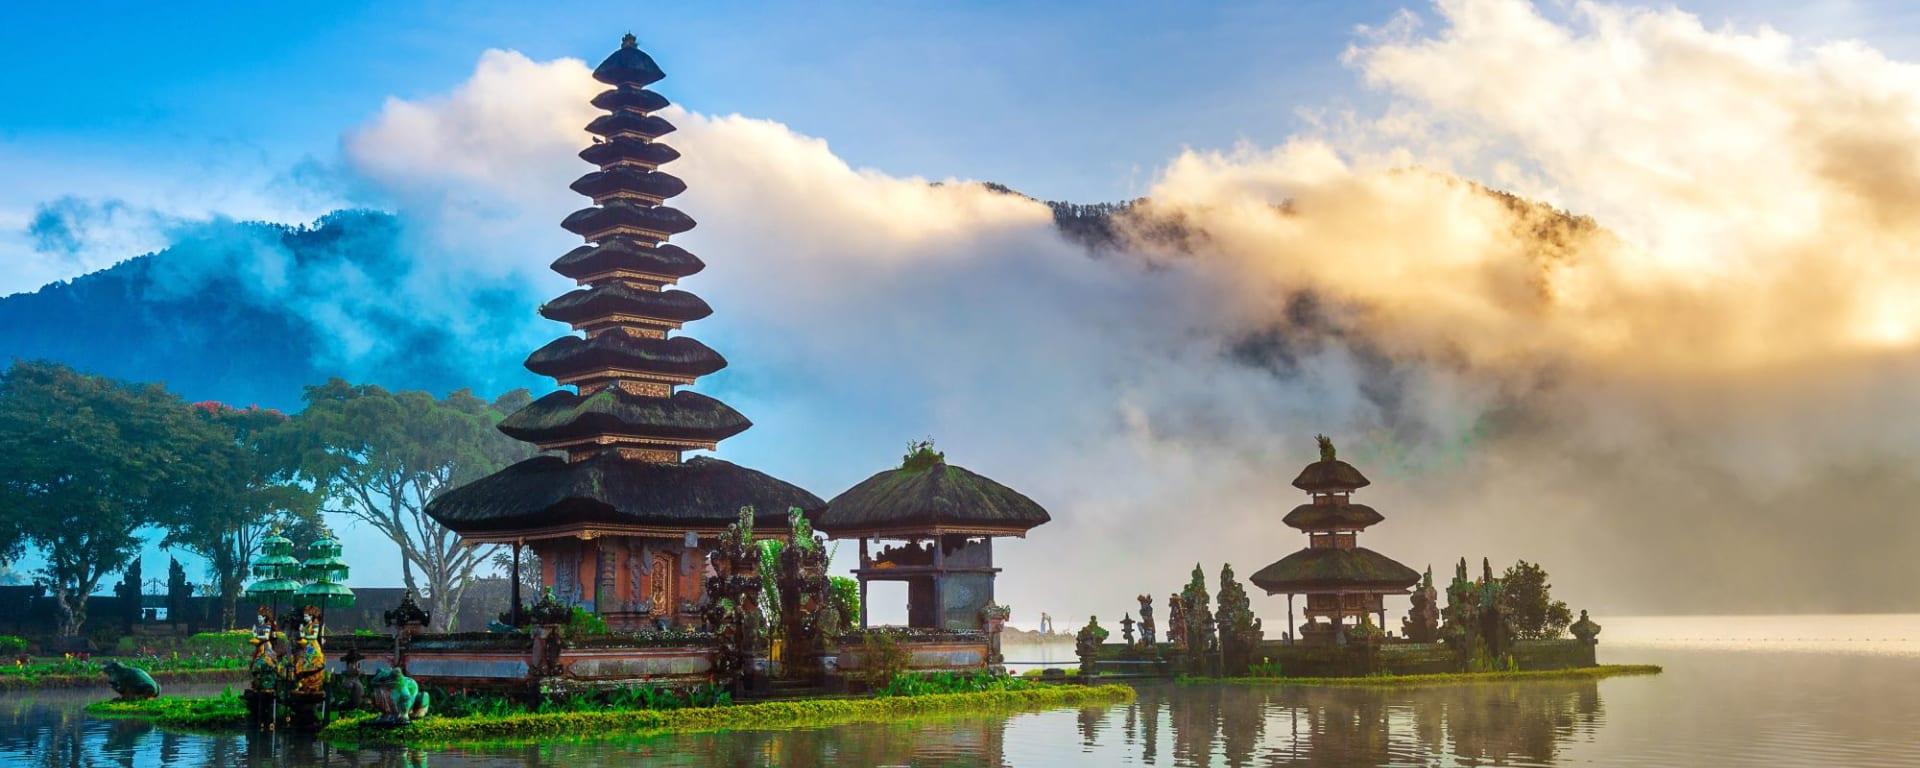 Les hauts lieux de Bali de Sud de Bali: Bali Pura Ulun Danu Bratan Temple